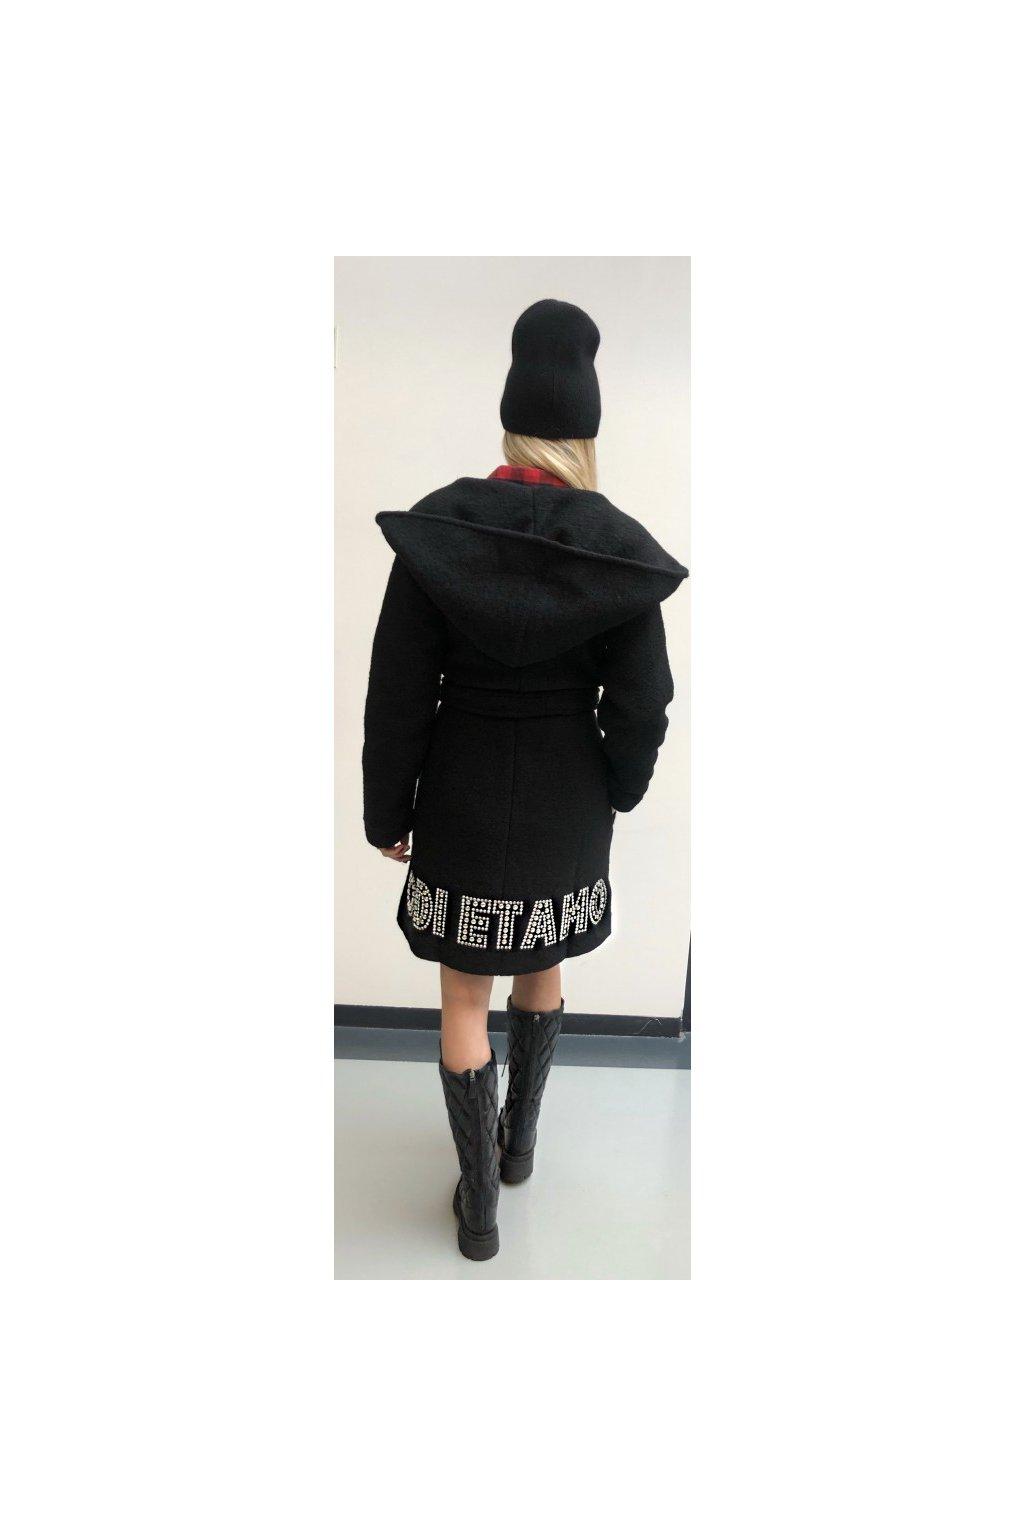 ODI ET AMO kabátek s nápisem - černý (Velikost Velikost L)